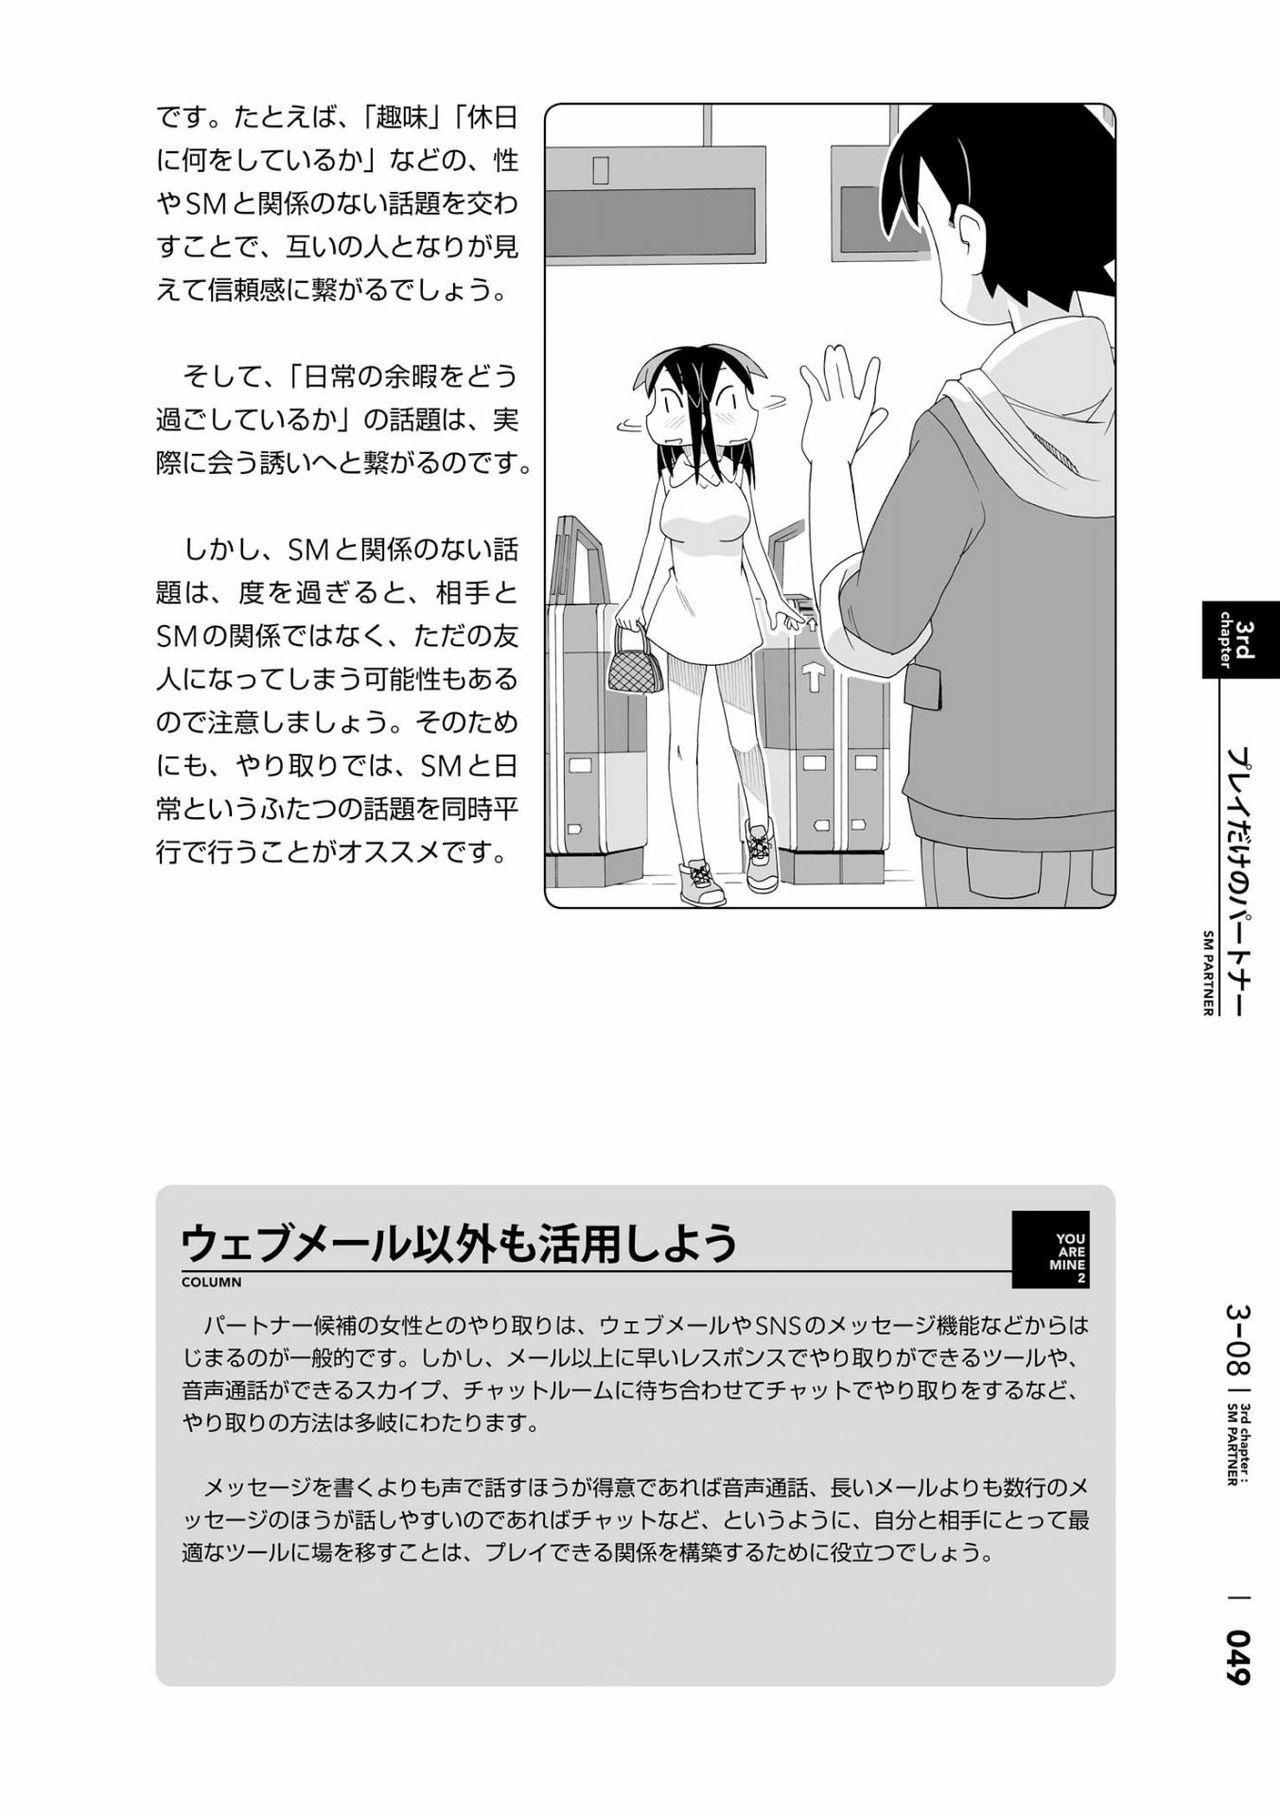 [Mitsuba] Karada mo Kokoro mo Boku no Mono ~Hajimete no SM Guide~ 2 [Digital] 51